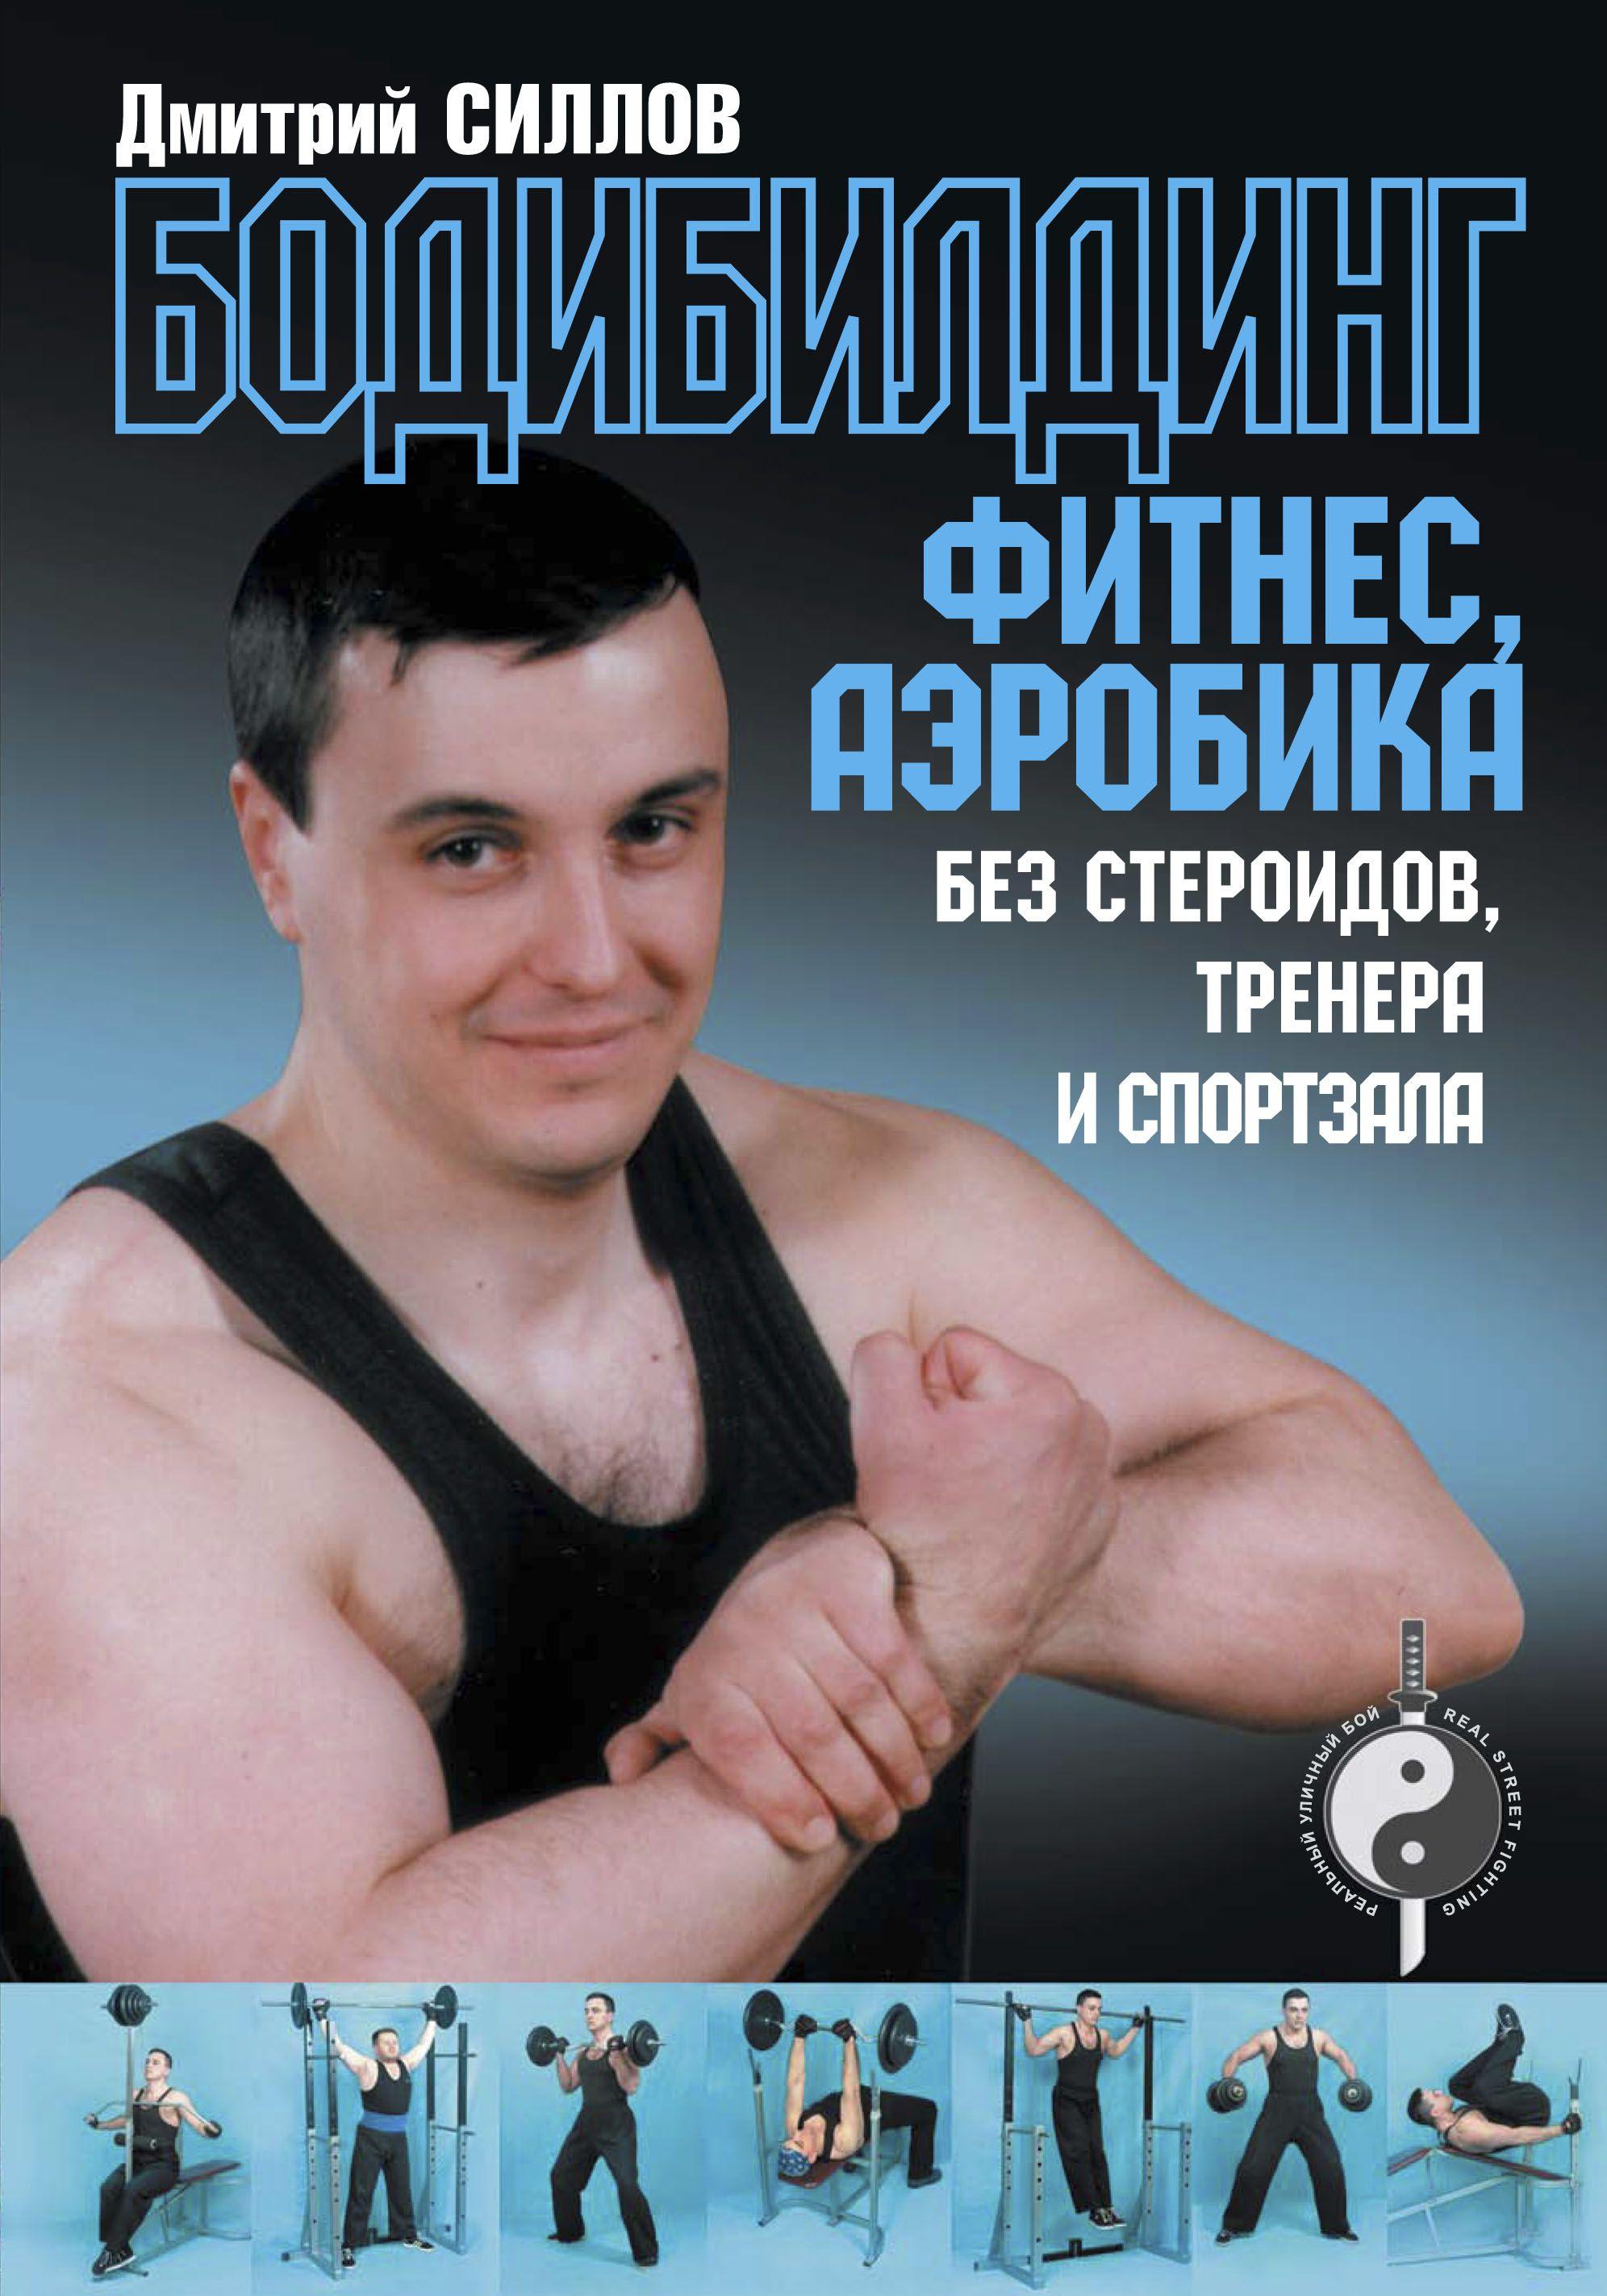 Дмитрий Силлов с 1993 года работает инструктором по рукопашному бою и бодибилдингу